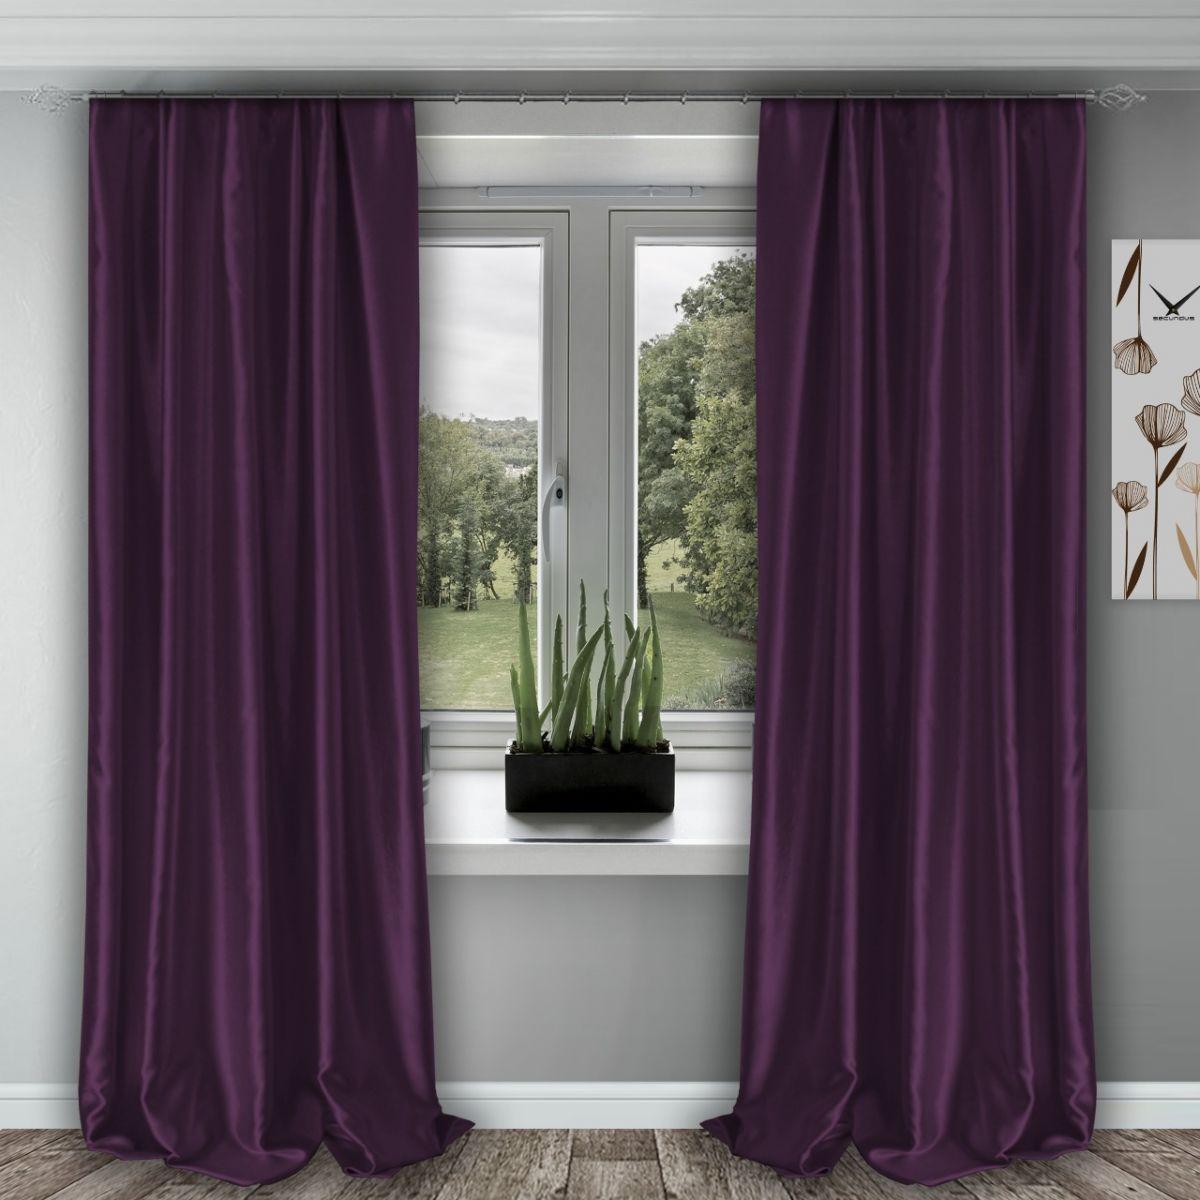 Комплект штор № 011, (270*150)х2, фиолетовый (возможно дополнительное комплектование занавеской из вуали артикул № 3-02 фиолетовый)